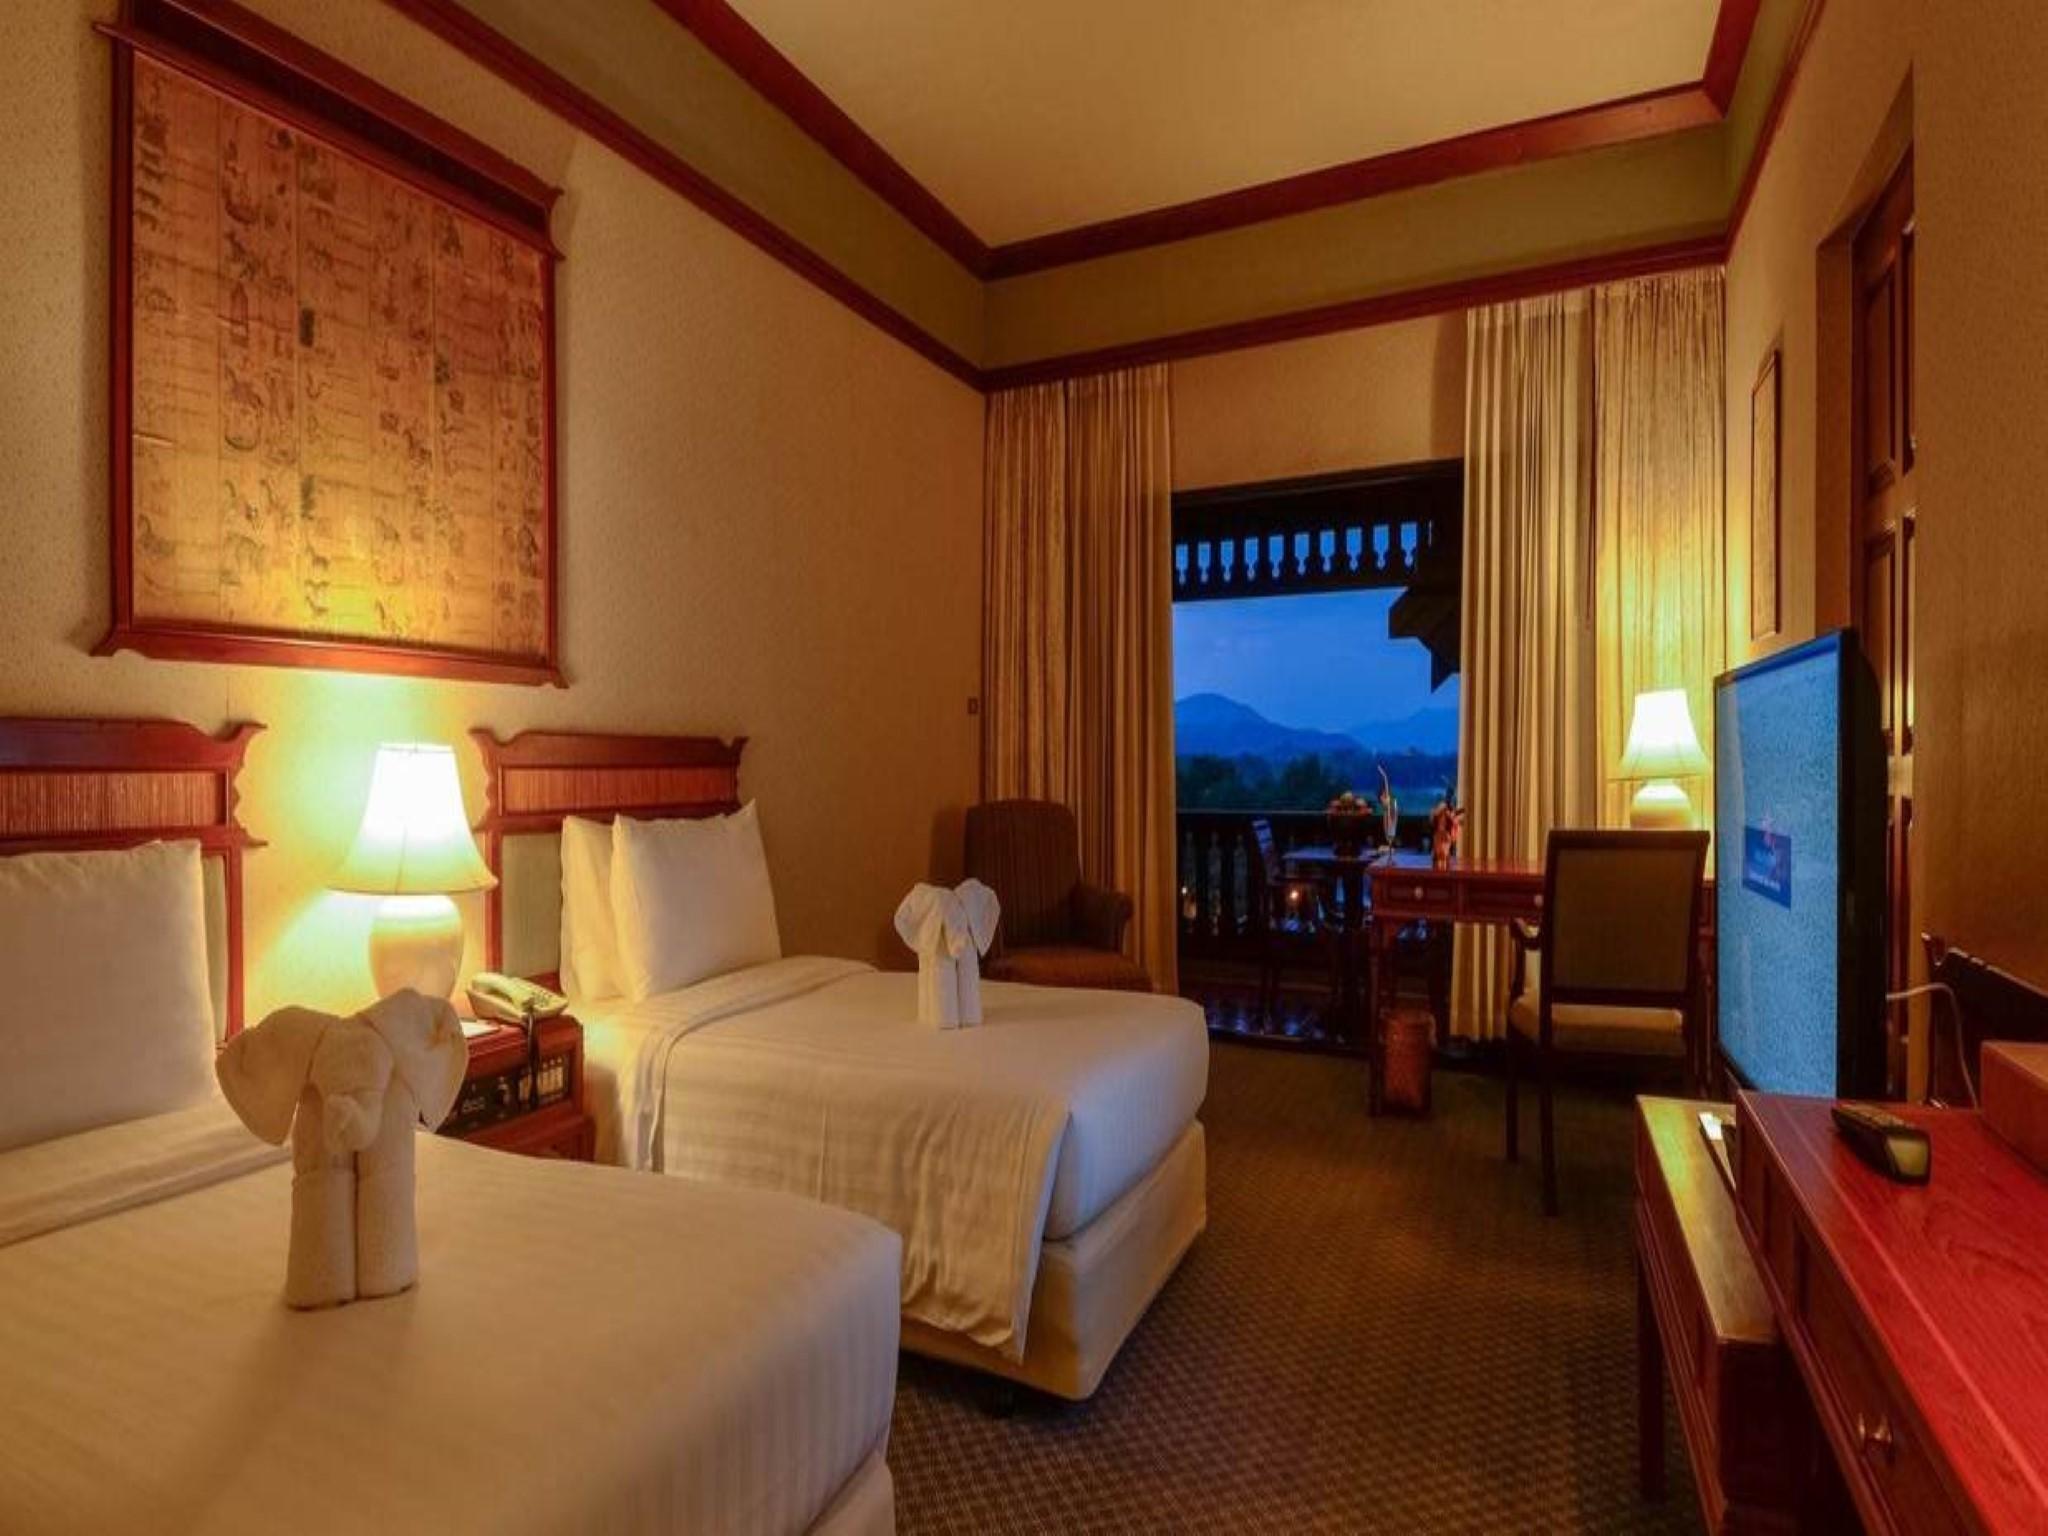 Imperial Golden Triangle Resort อิมพีเรียล โกลเด้น ไทรแองเกิ้ล รีสอร์ท